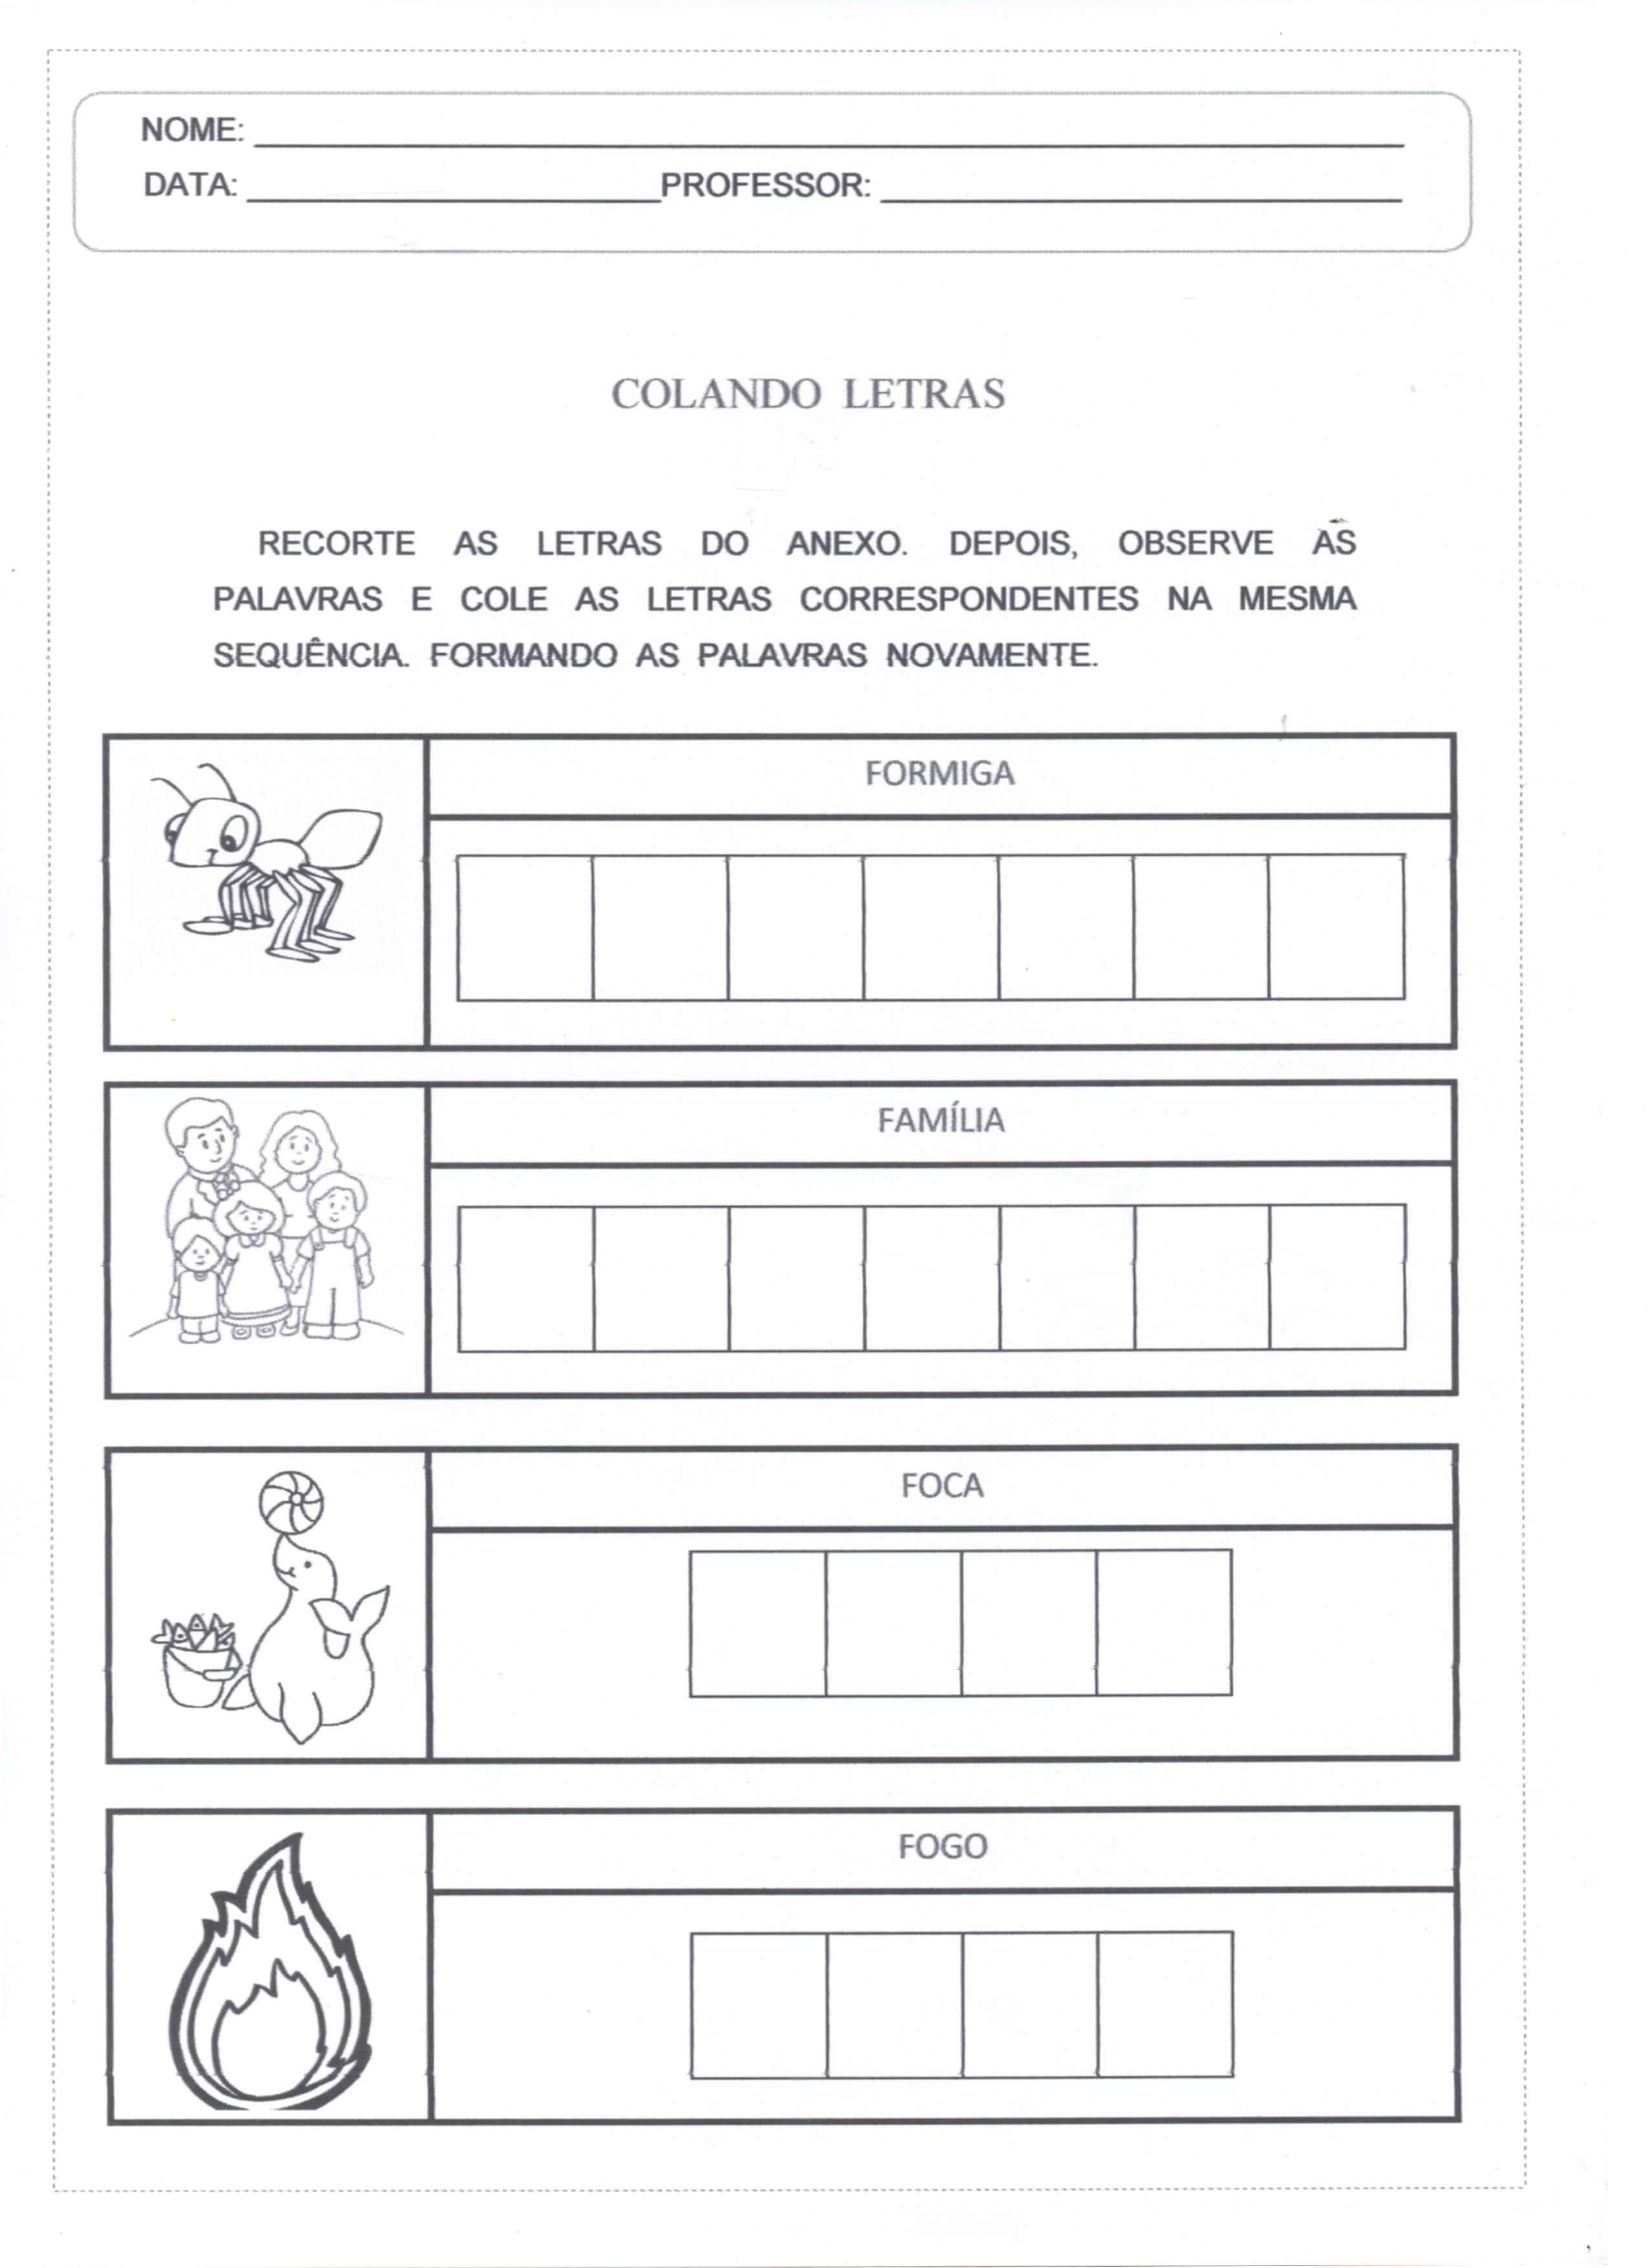 Atividade Colando Letras folha 01